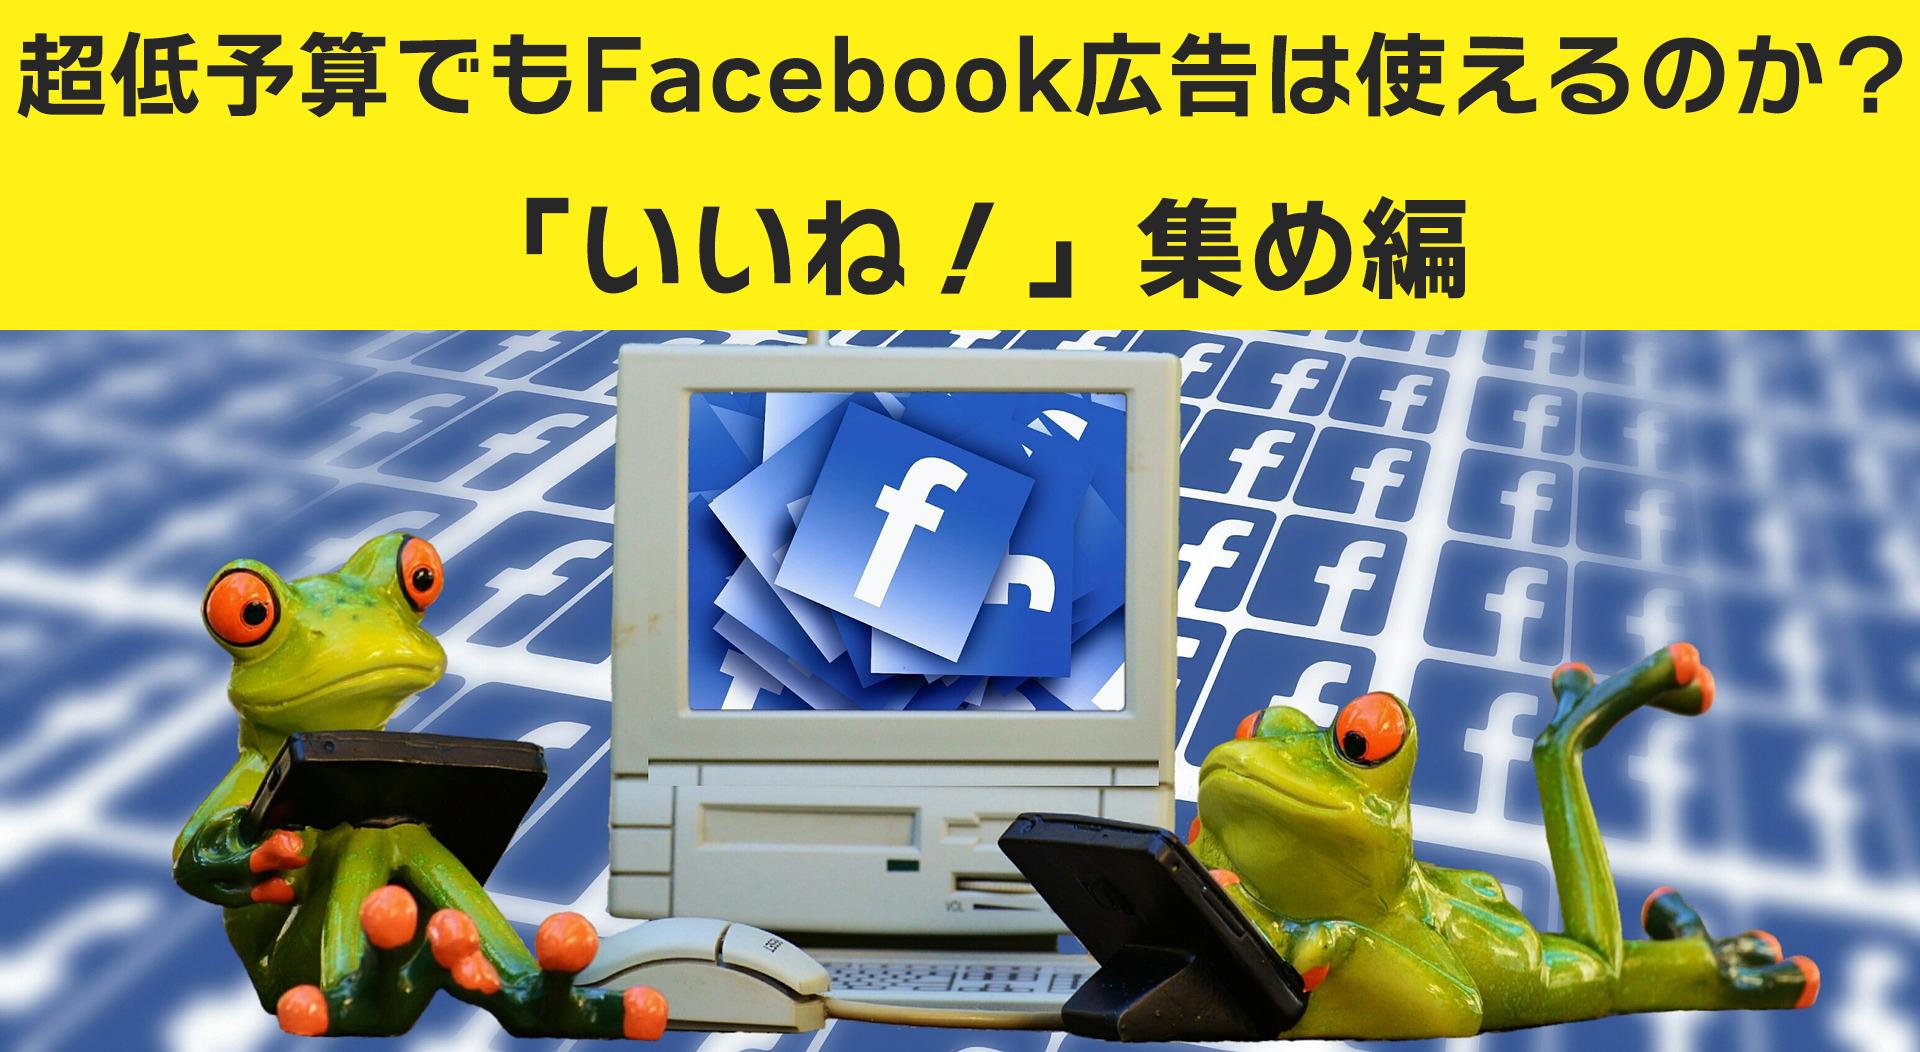 Facebook広告費1万円で何いいね買えるか検証した予想外の結果